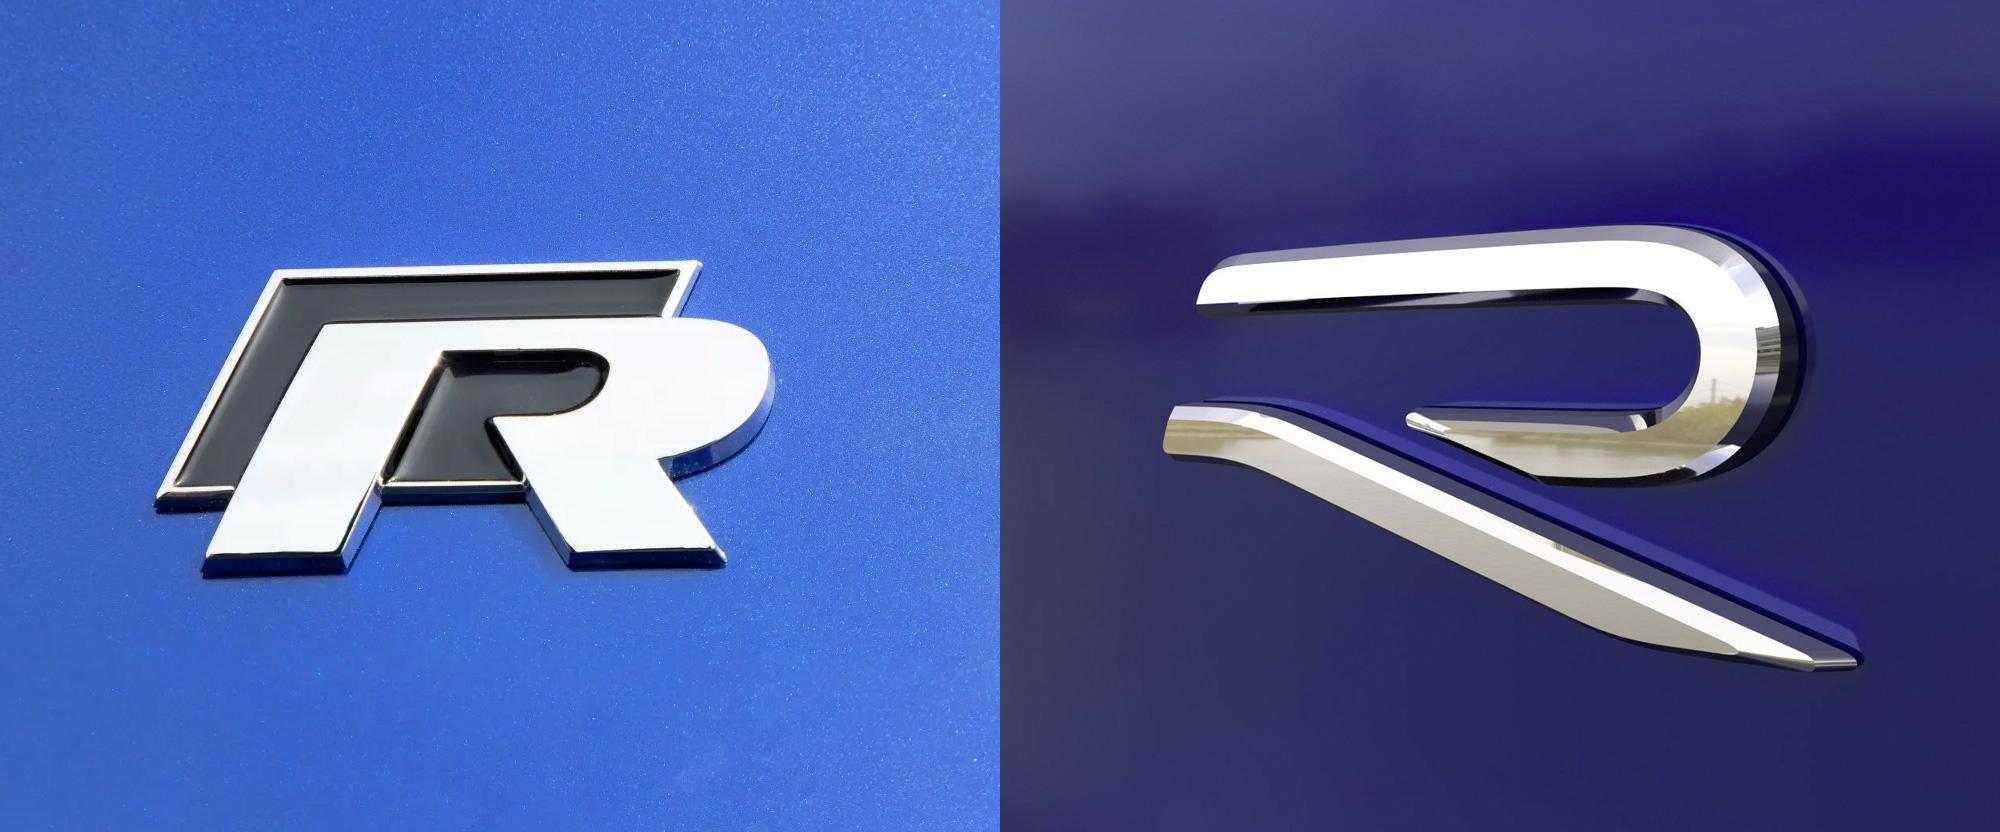 New Logo for Volkswagen R